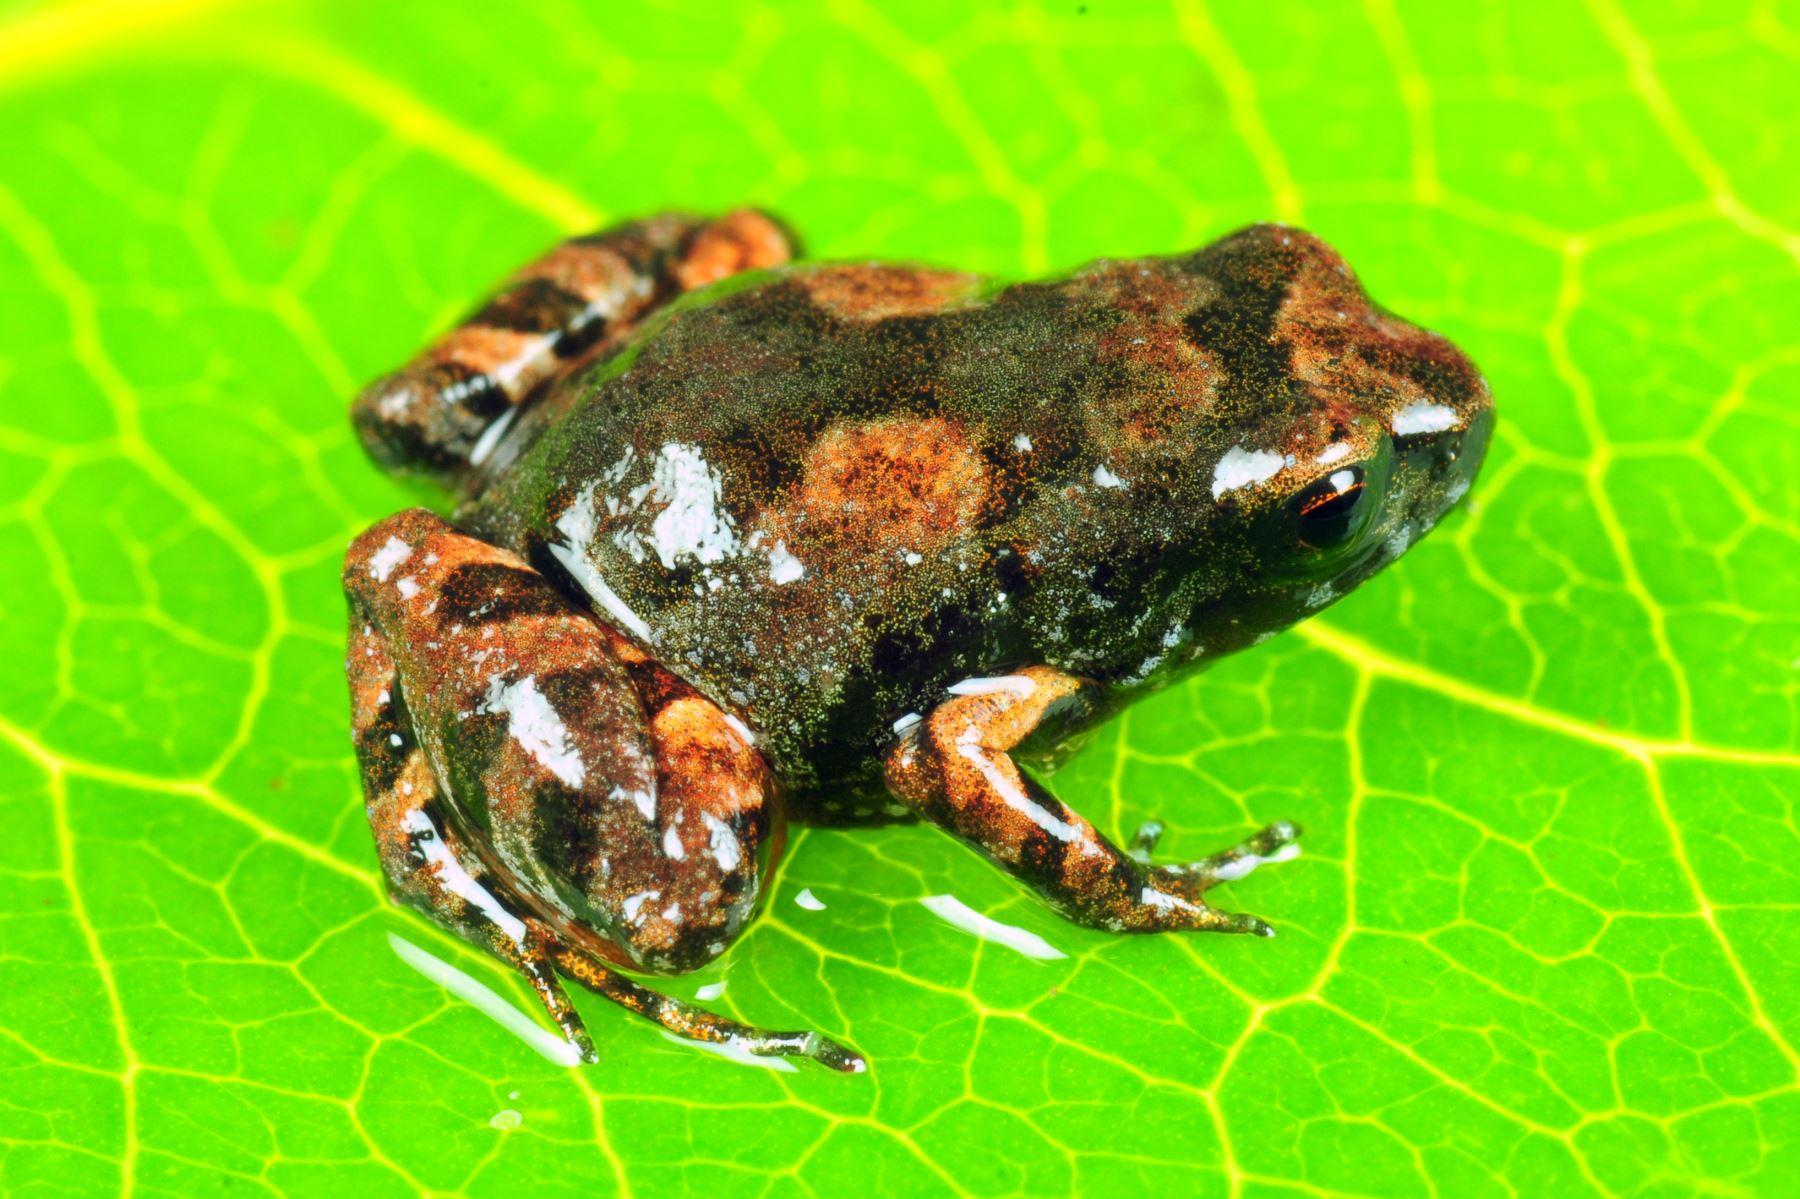 Descubren nueva especie de rana en los bosques nublados de Puno. Foto: Alessandro Catenazzi/Cortesía